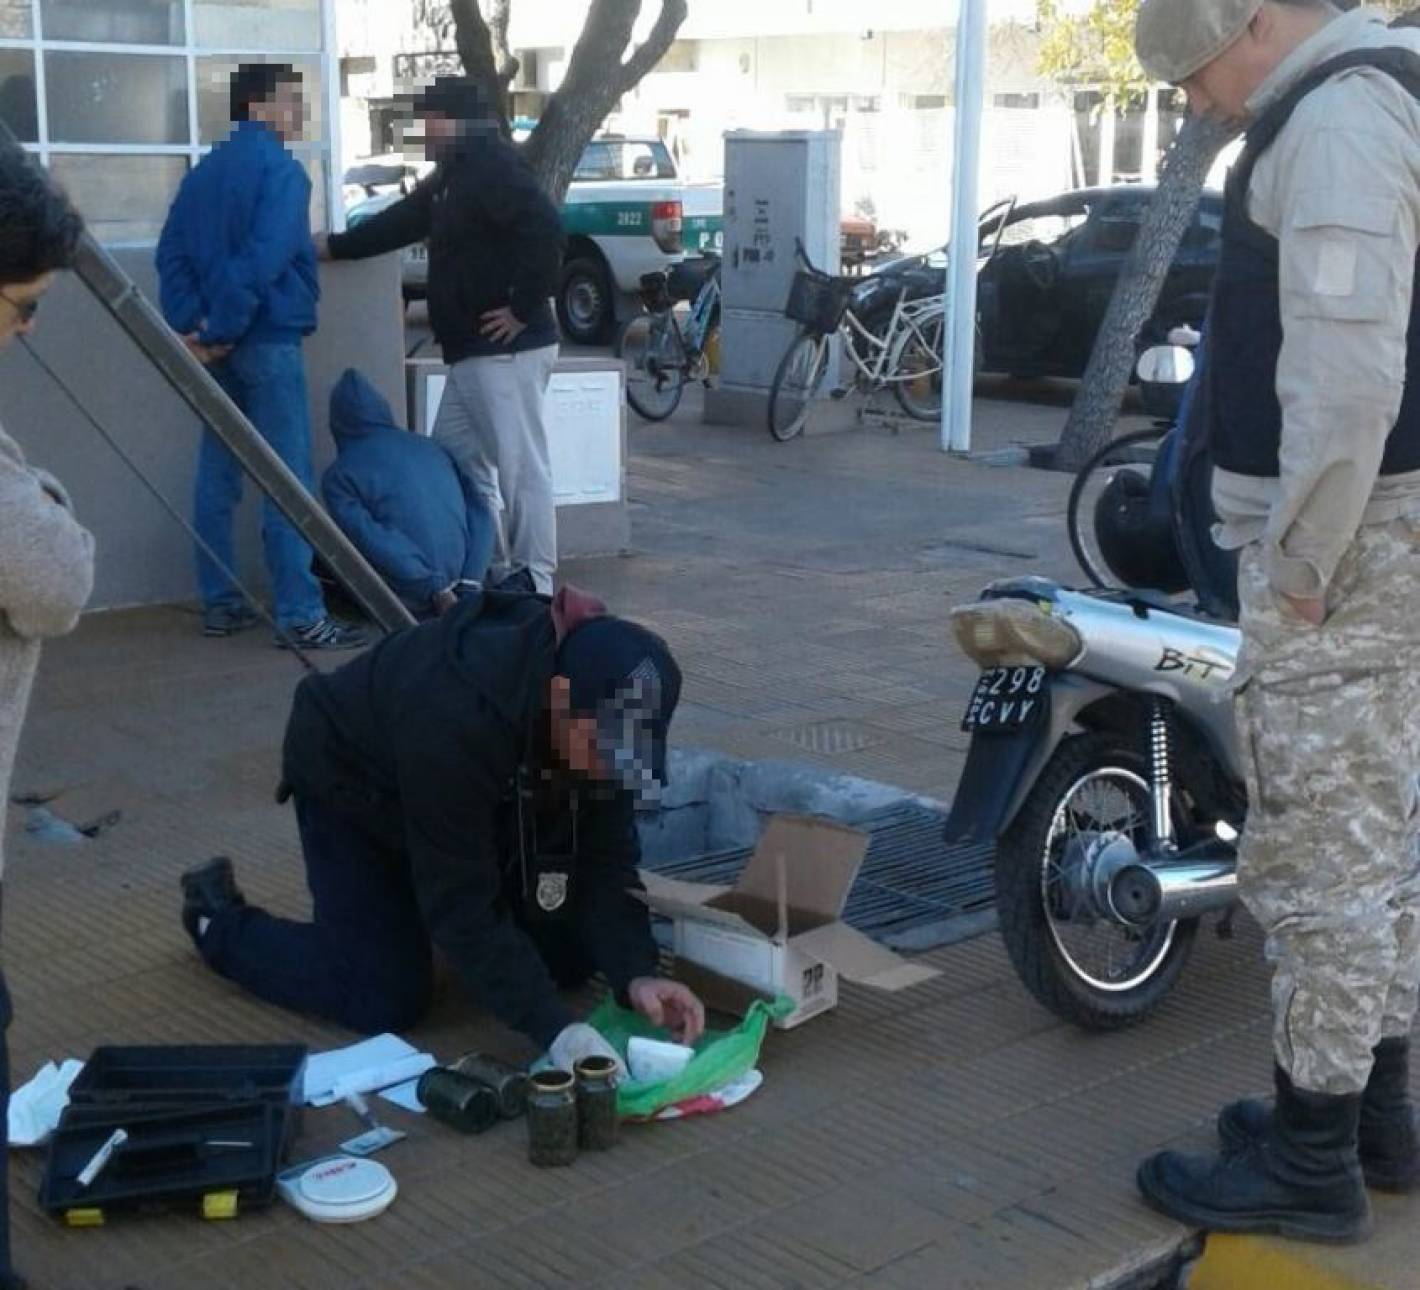 Detuvieron a un hombre por tenencia de drogas en general for Interior y policia porte y tenencia